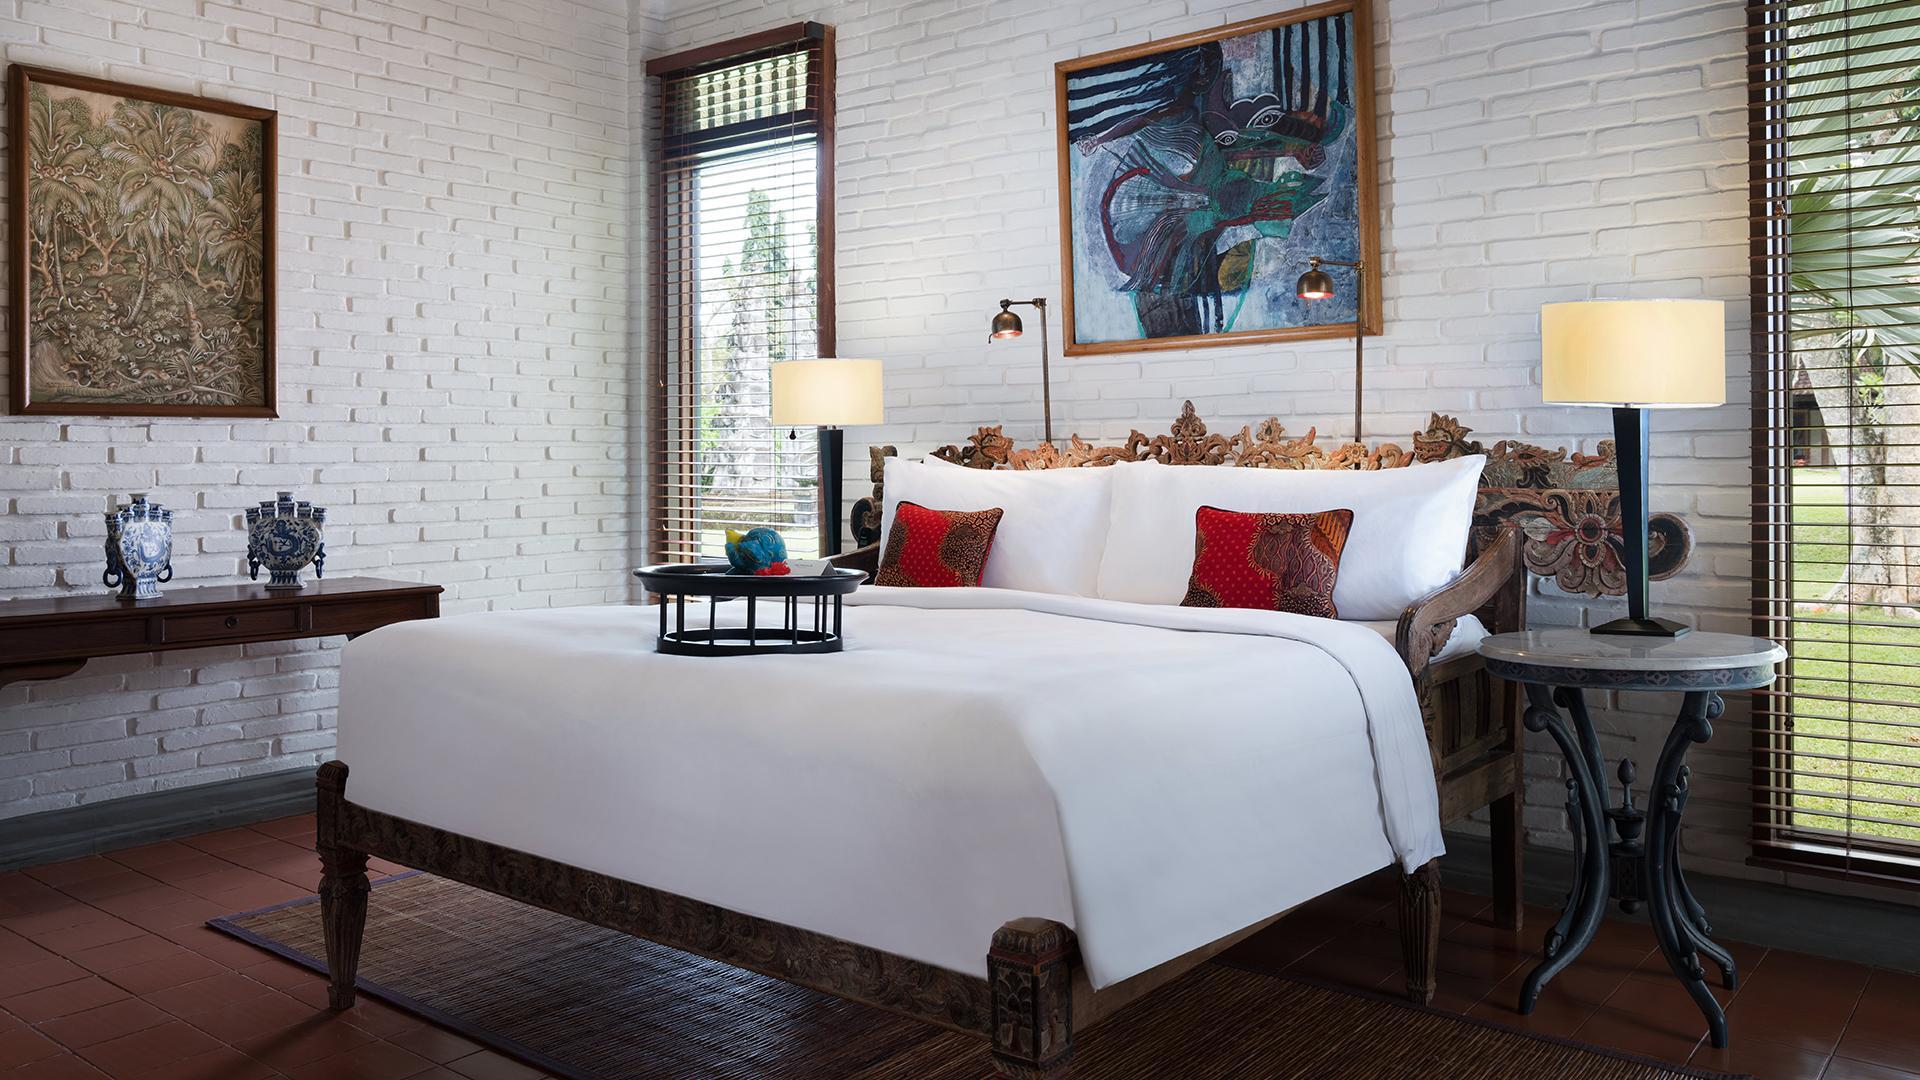 Two Bedroom Club Family Pool Villa image 1 at Tanah Gajah, a Resort by Hadiprana by Kabupaten Gianyar, Bali, Indonesia